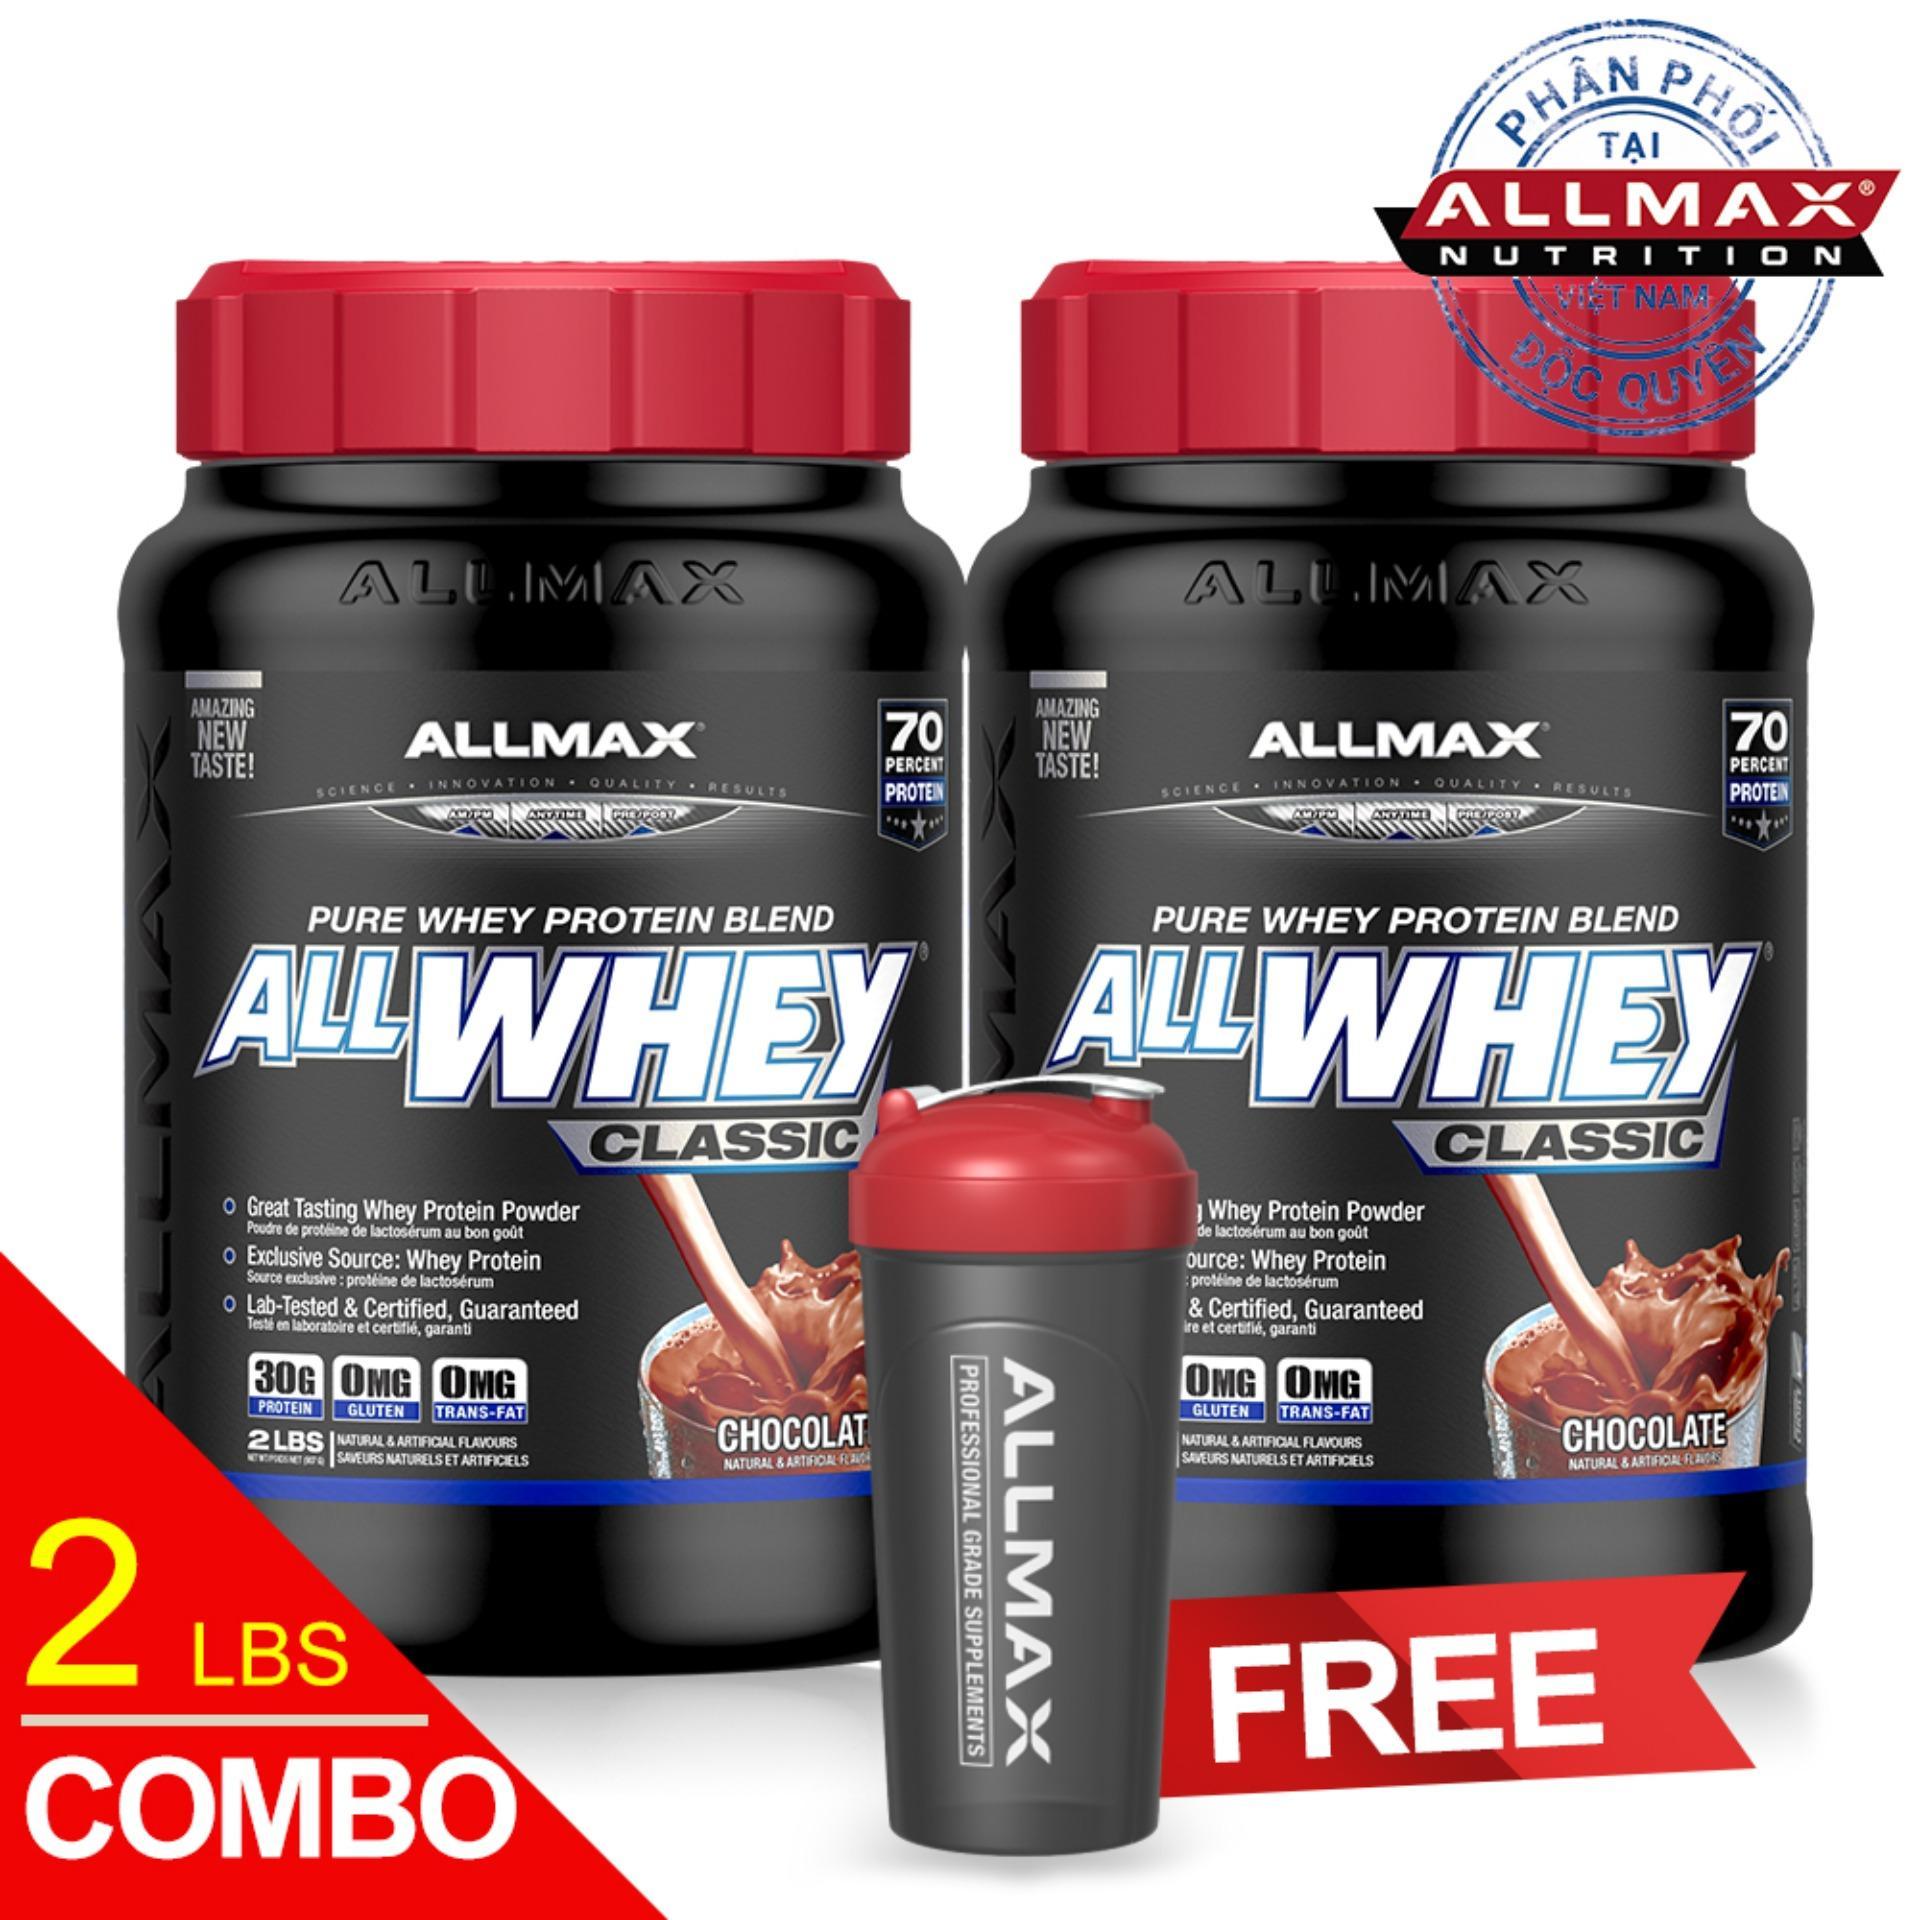 Hình ảnh Set 2 hộp thực phẩm bổ sung whey protein cao cấp ALLMAX ALLWHEY CLASSIC CHOCOLATE